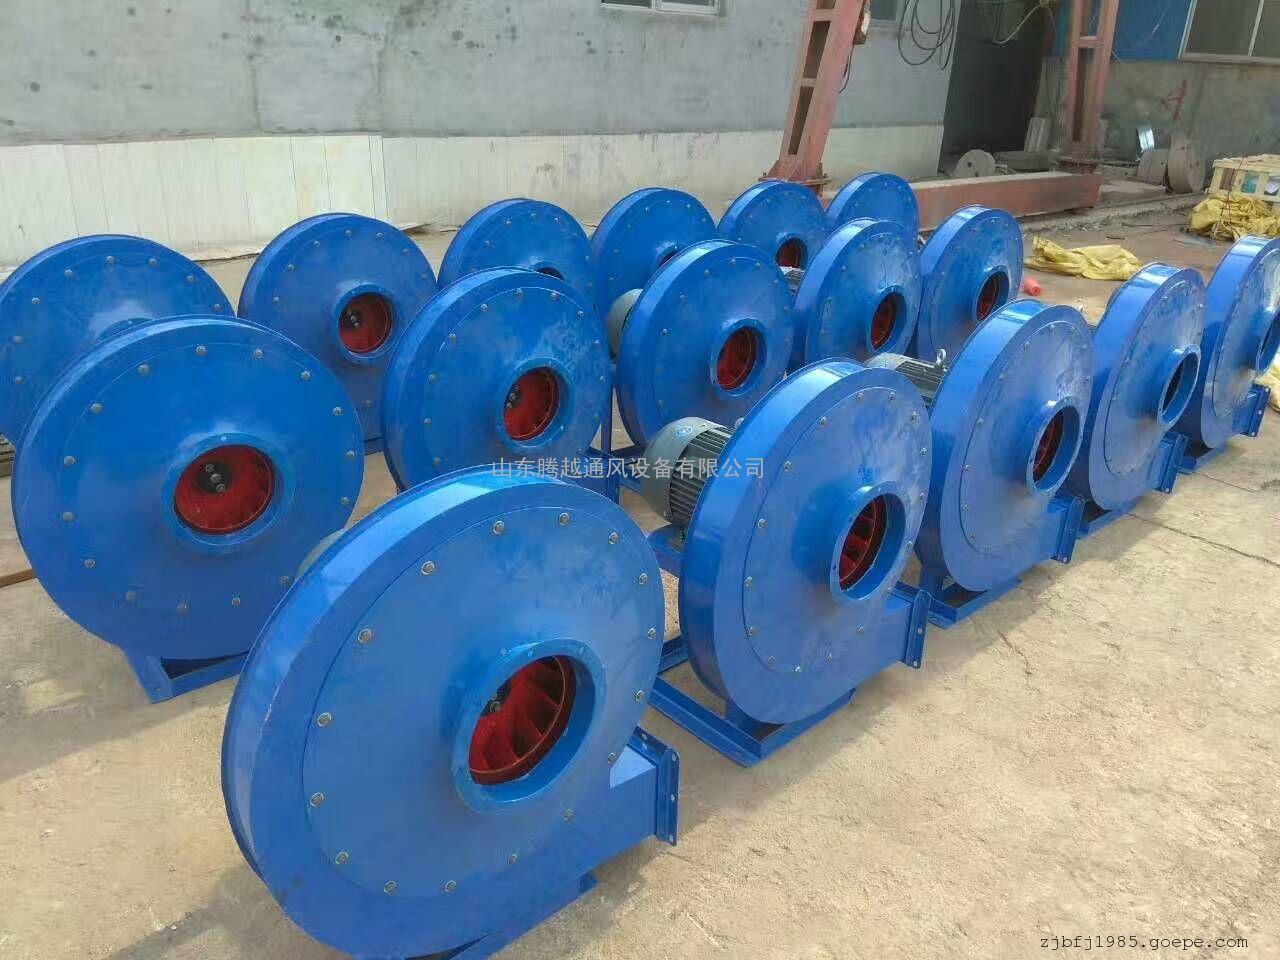 低噪音环保节能通风机/高压风机供应/2.2KW高压风机